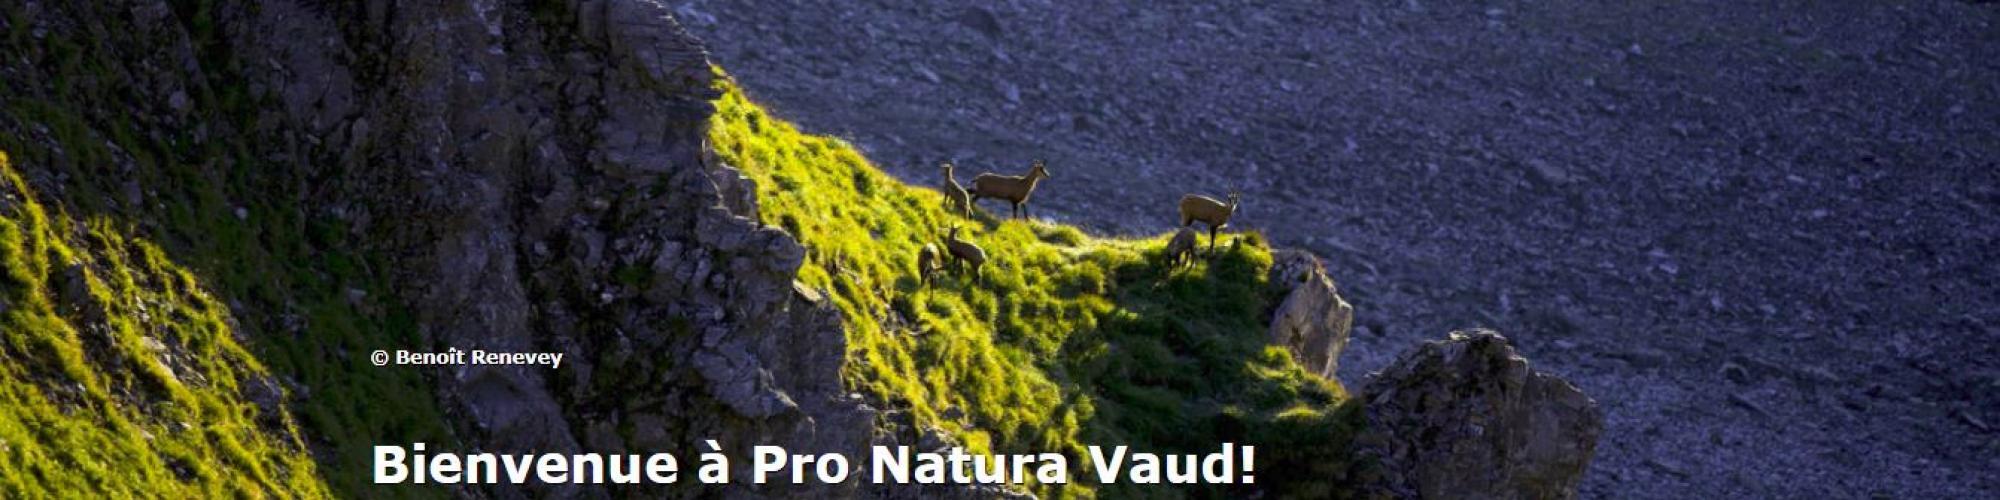 Pro Natura Vaud